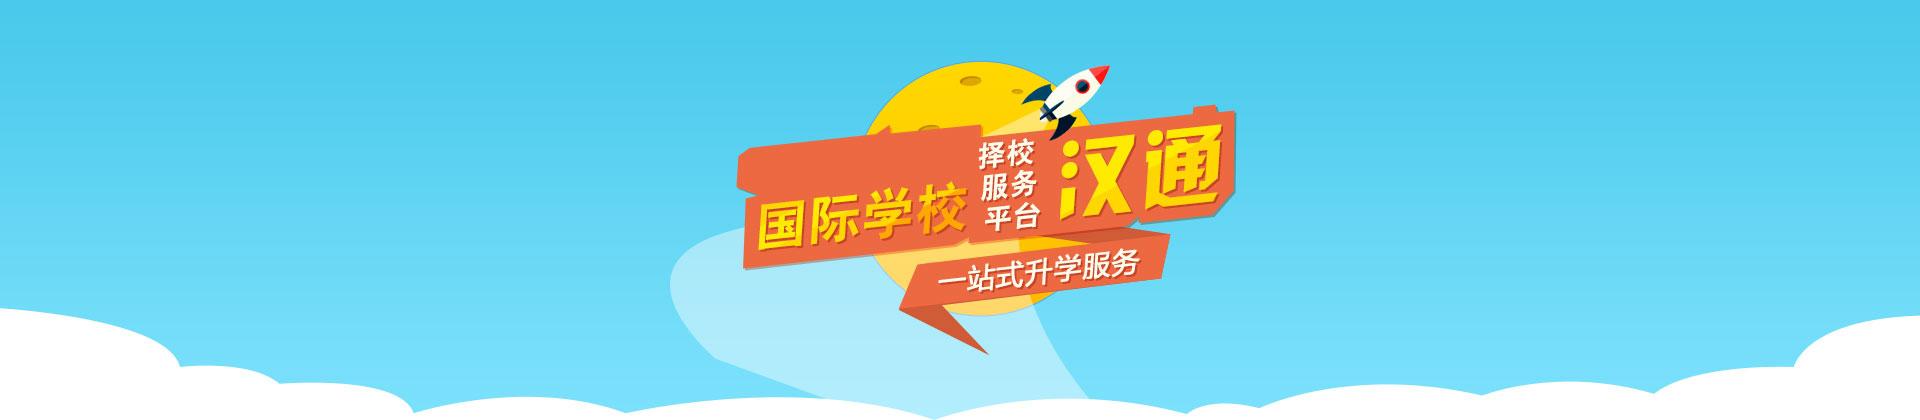 北京国际学校收费